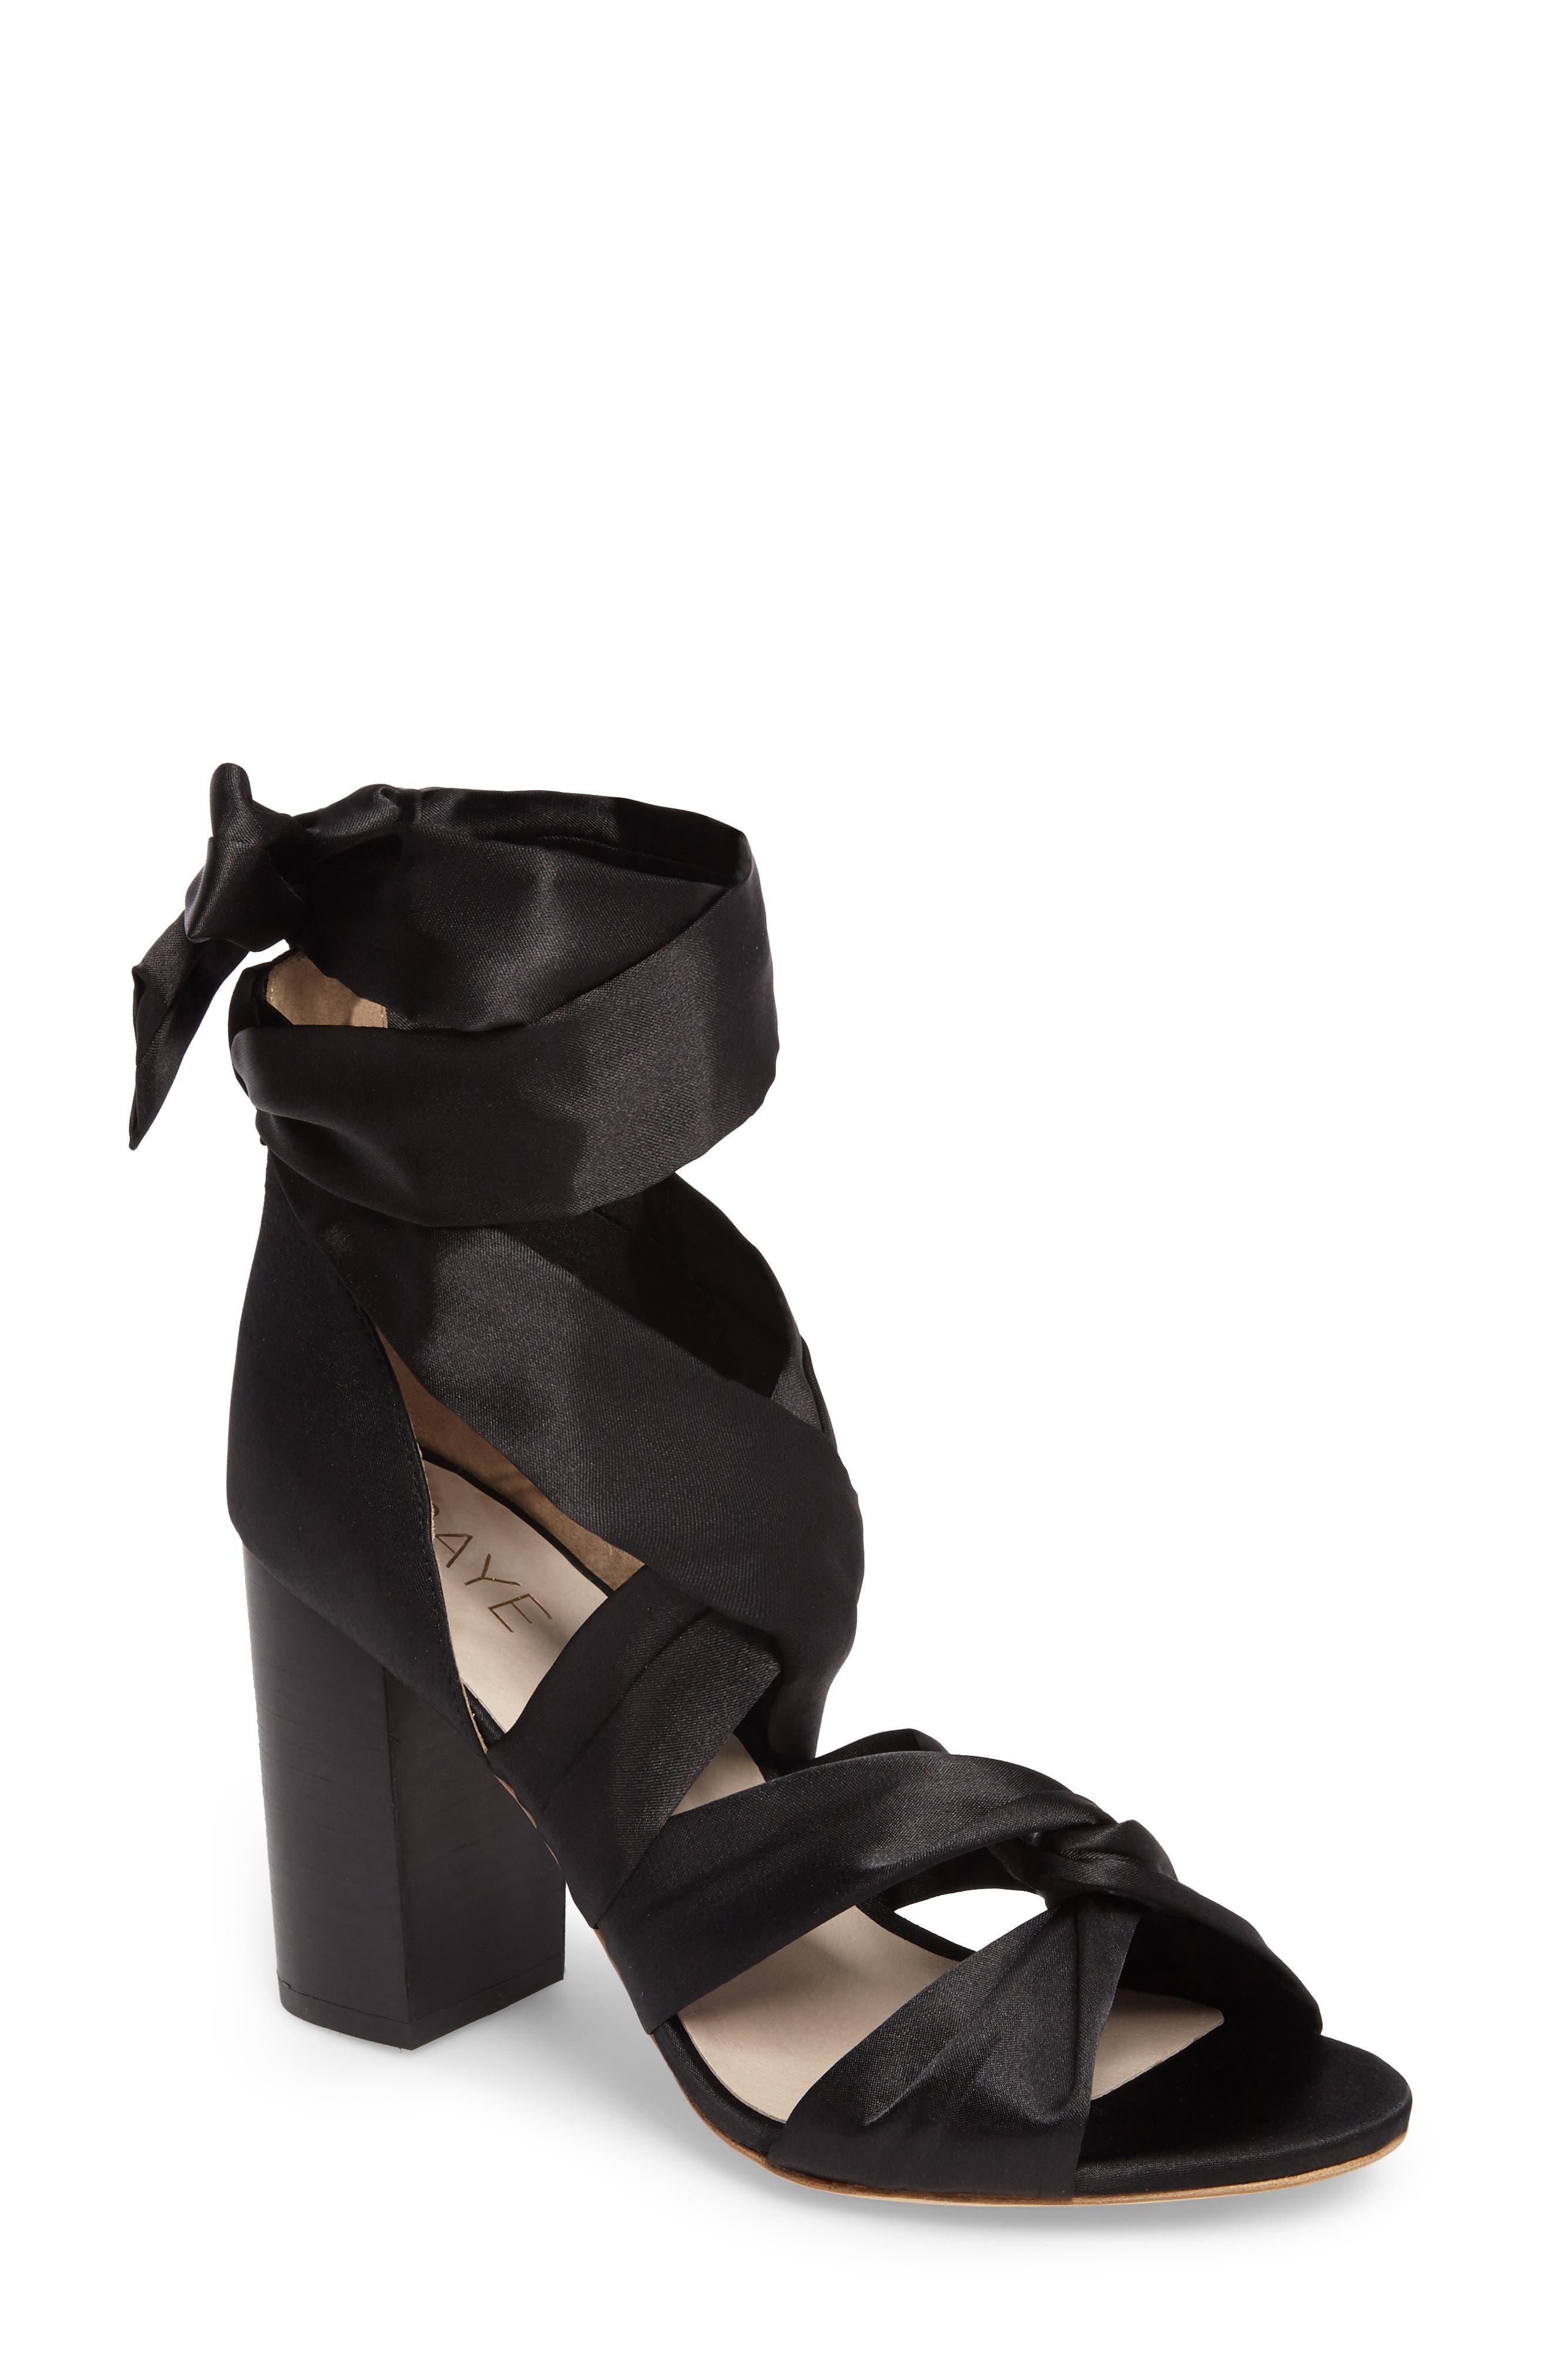 Myra Lace Up Sandal,                         Main,                         color, 004